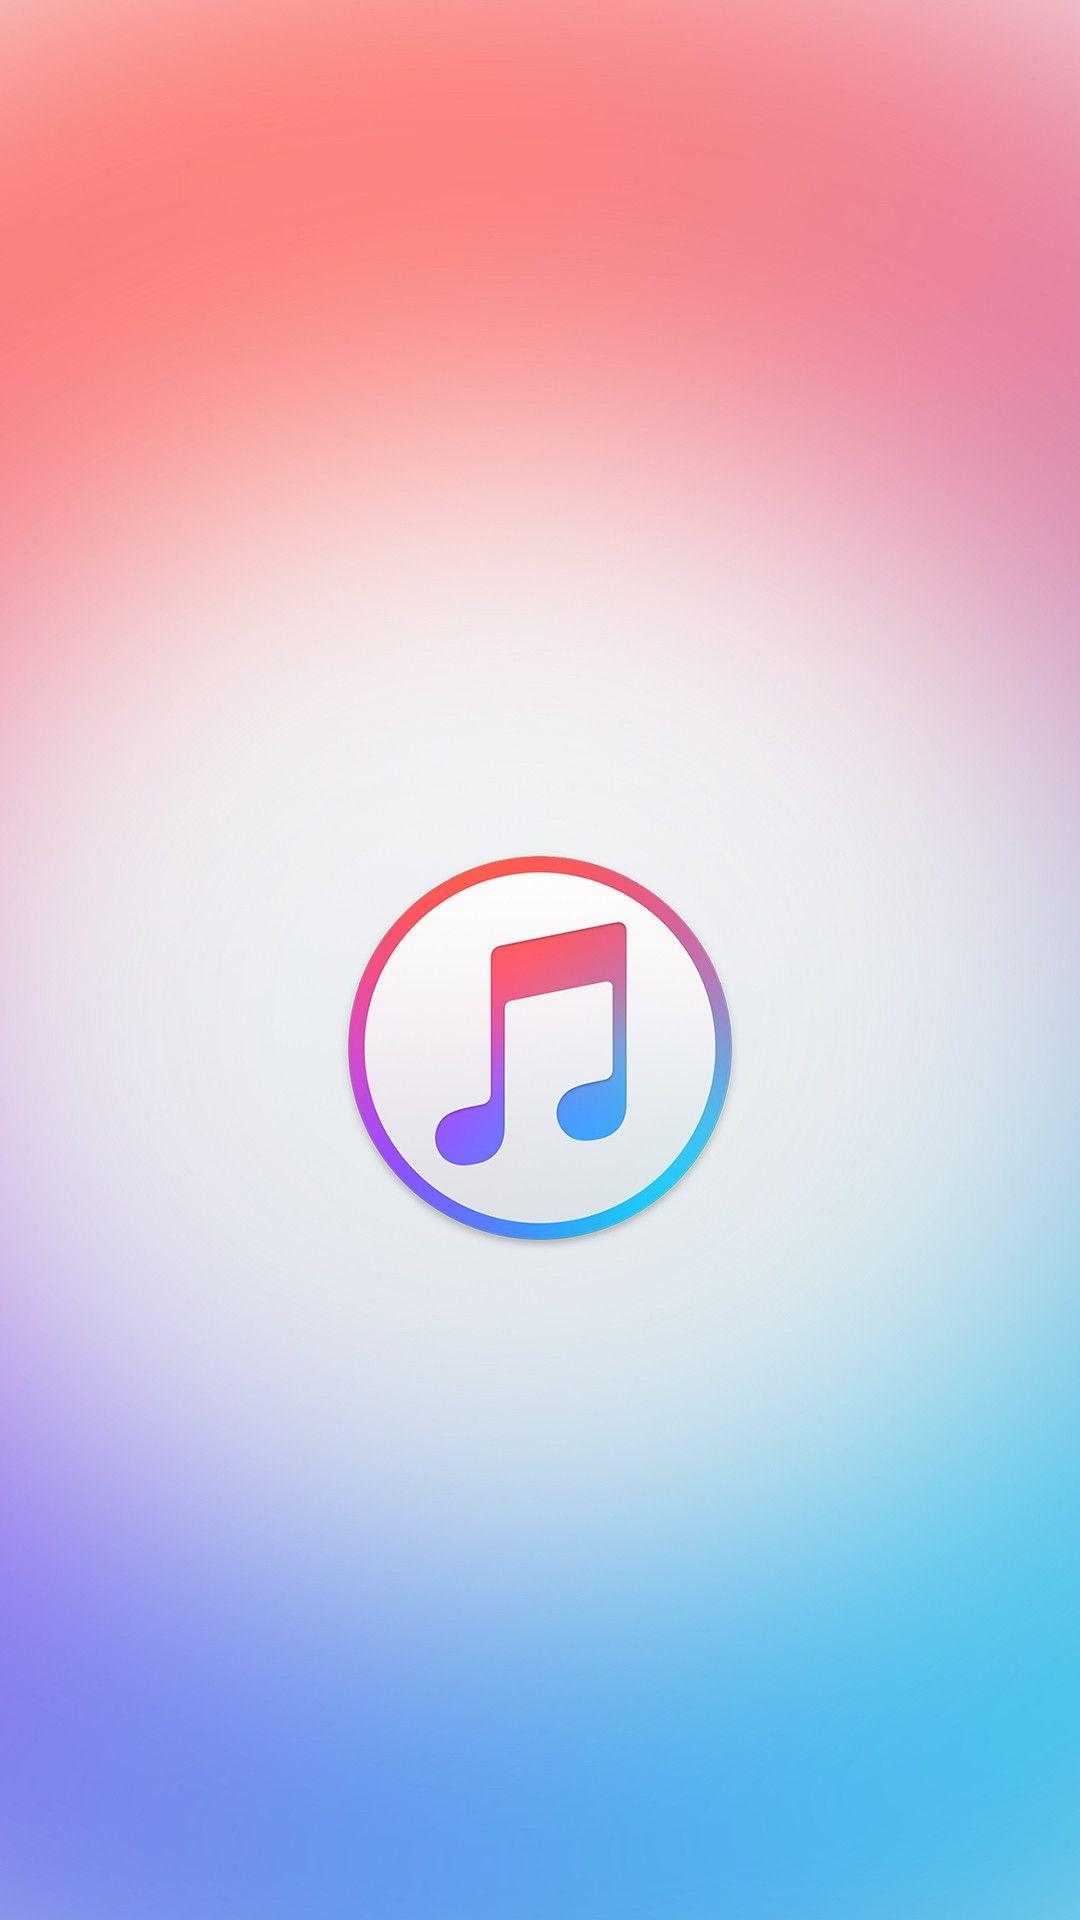 Apple Music風iphone壁紙 アップルの壁紙 壁紙 Iphone壁紙